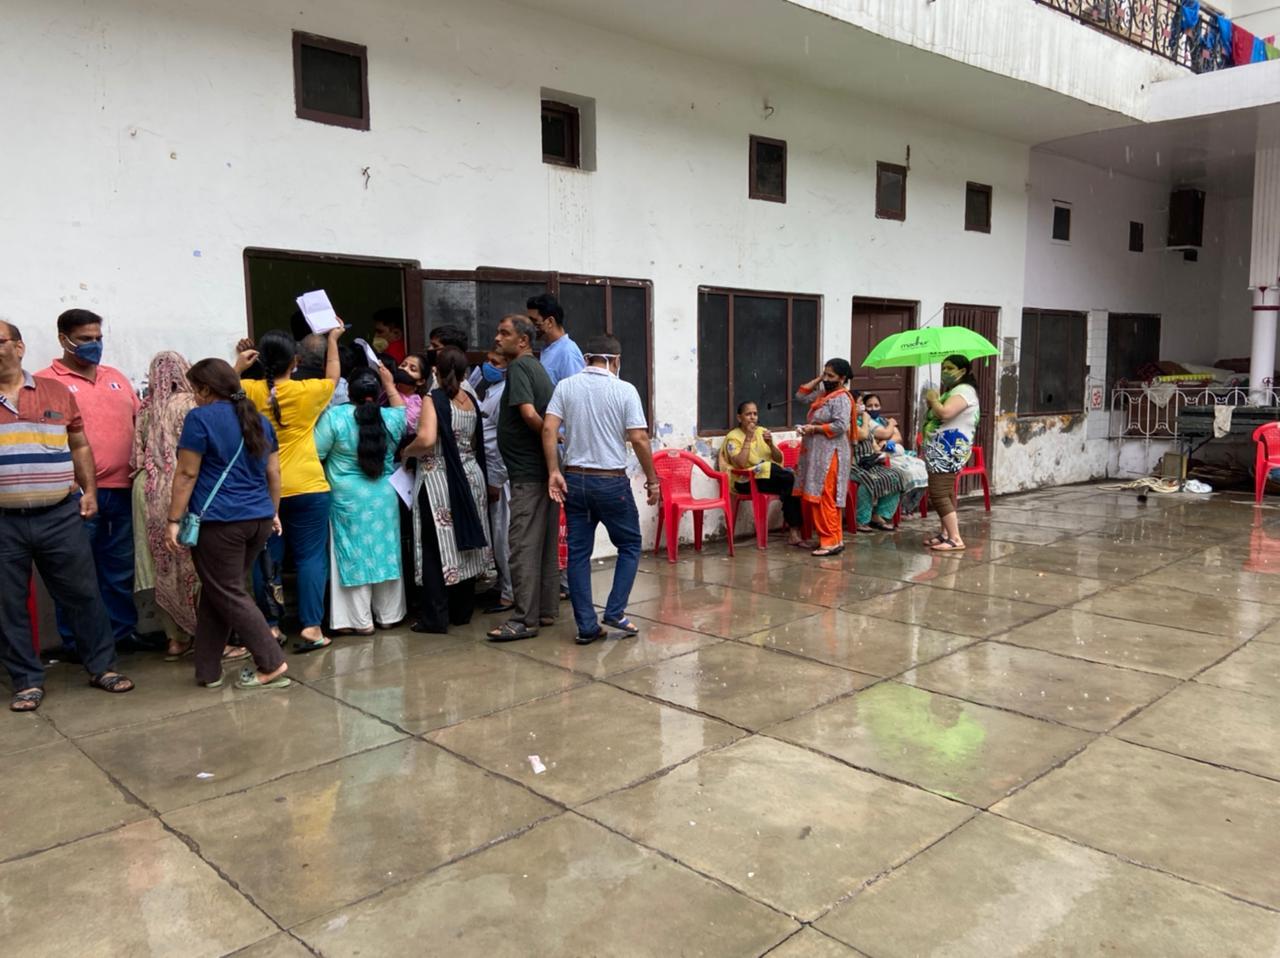 अमृतसर में कोरोना वैक्सीन की 15 हजार डोज में से 12870 एक ही दिन में लग गई, बारिश में भी लोगों ने करवाया वैक्सीनेशन|पंजाब,Punjab - Dainik Bhaskar